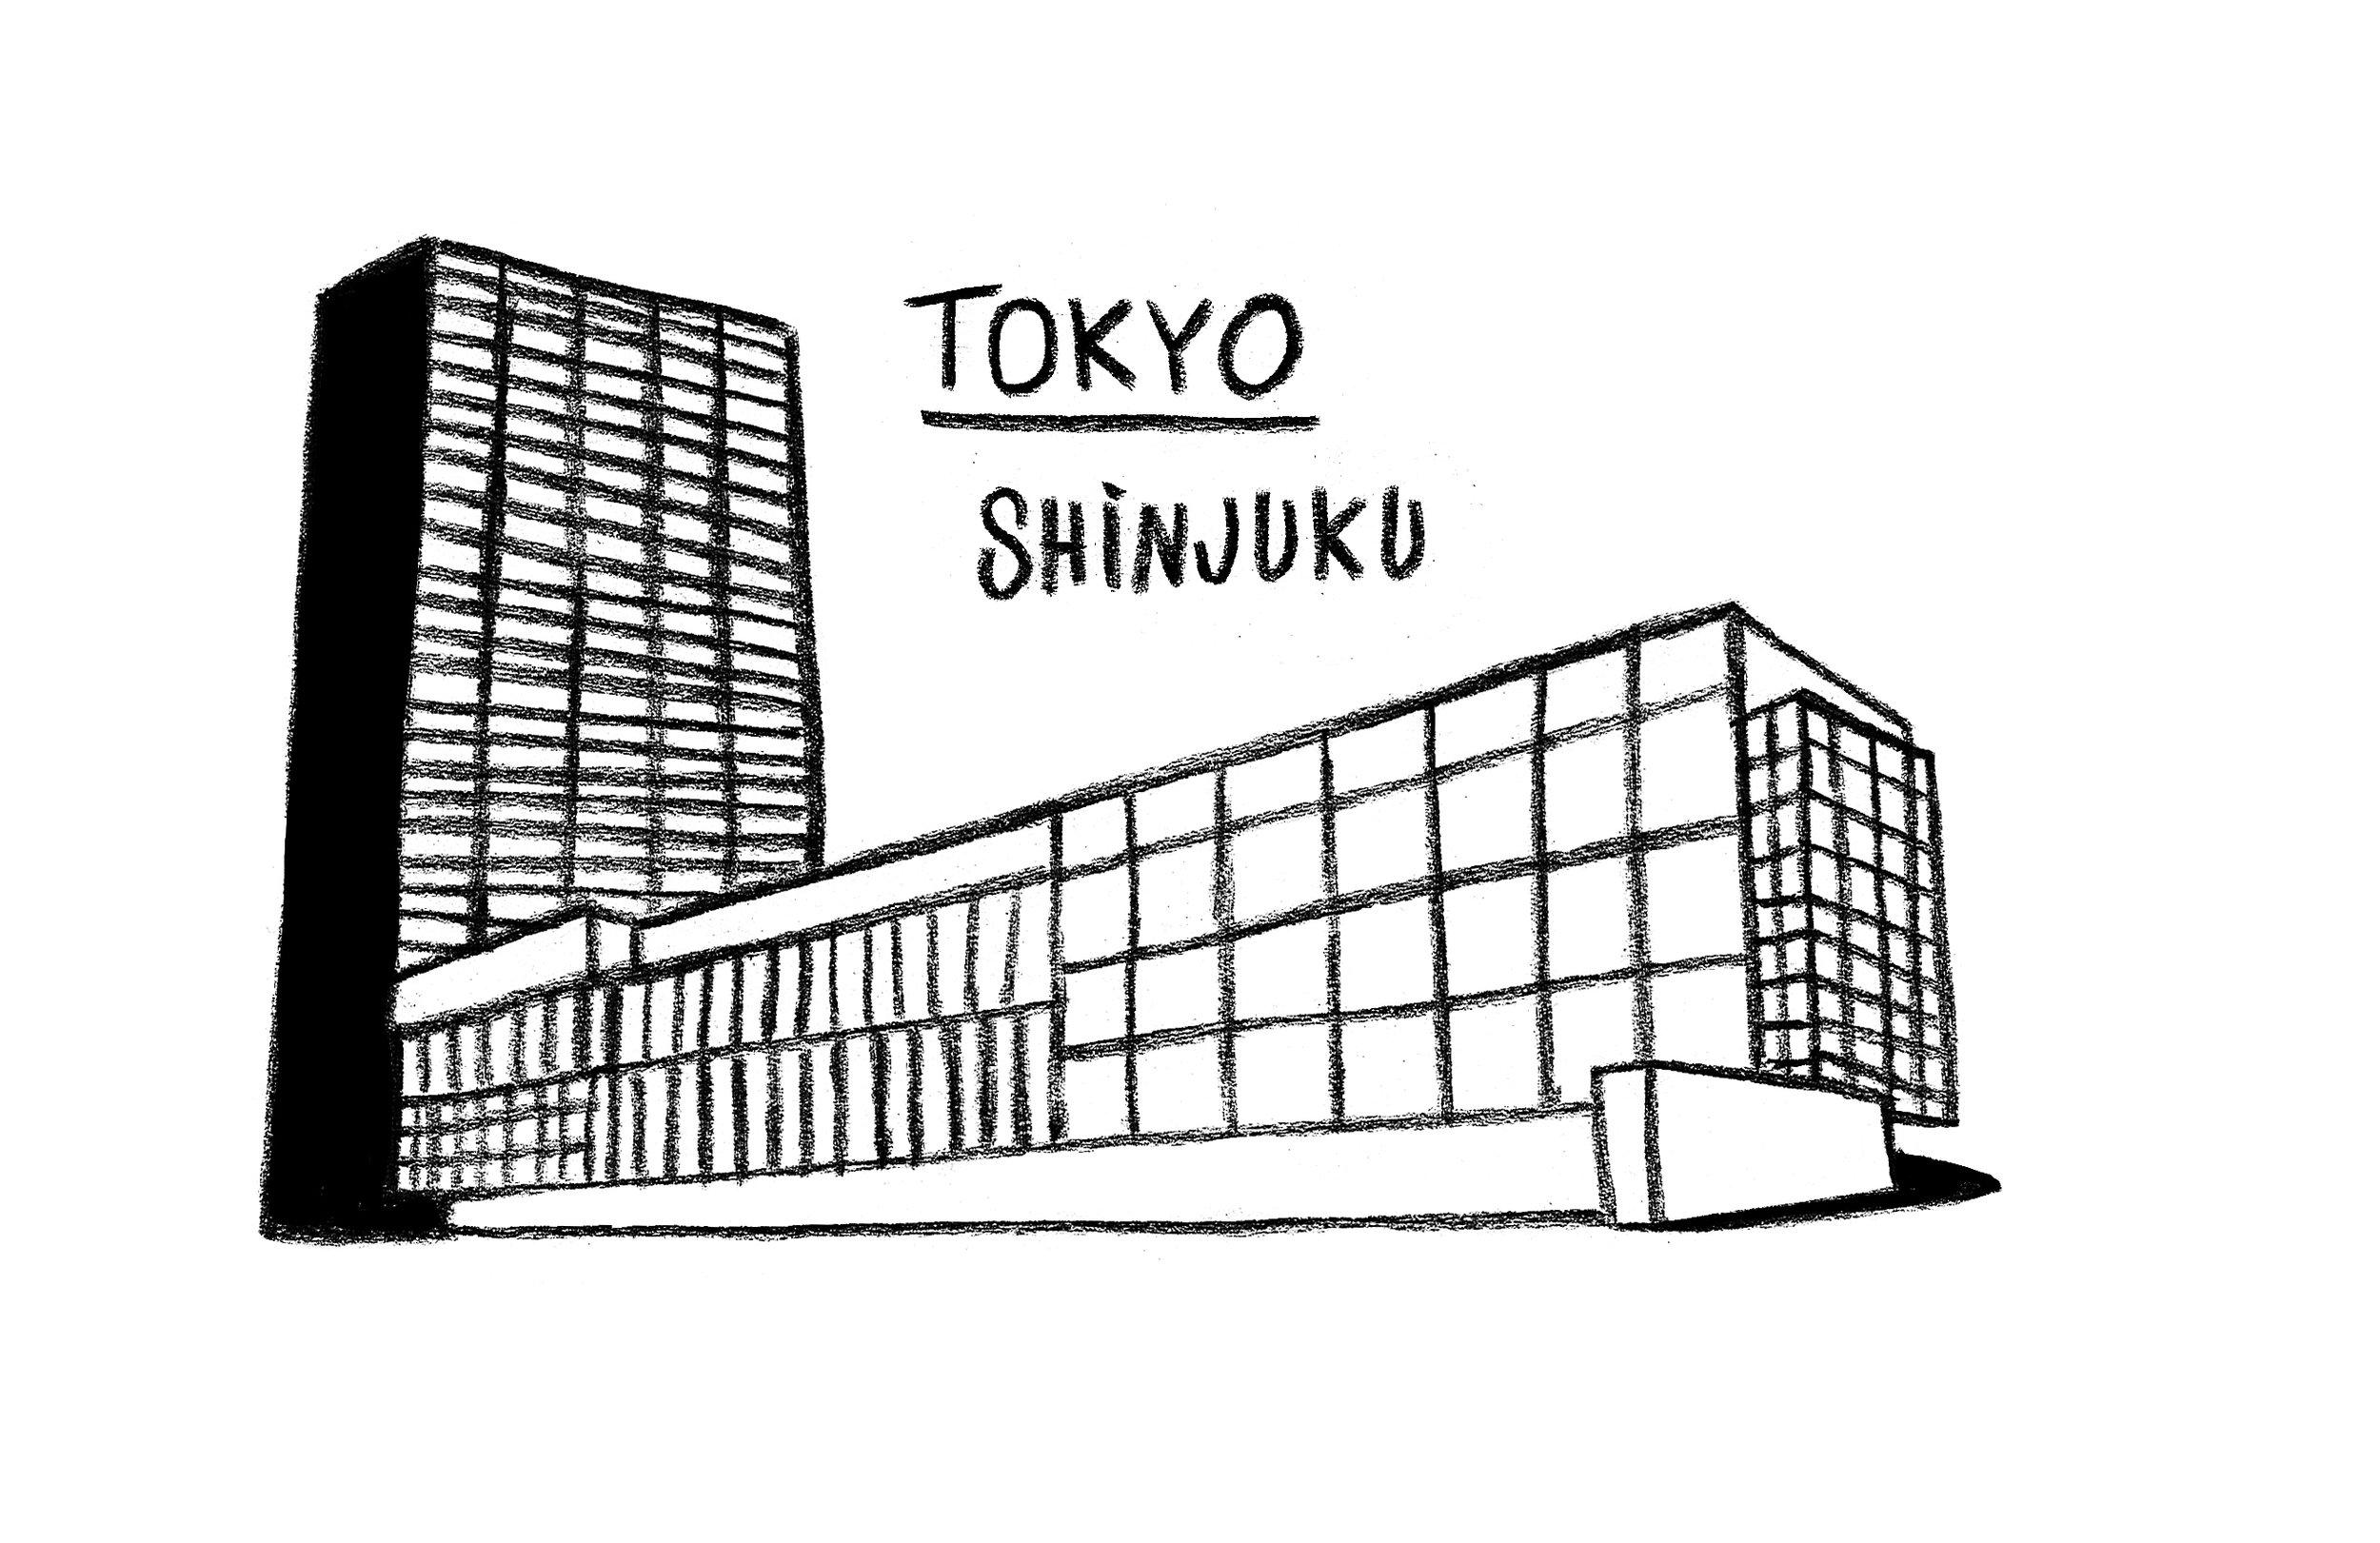 IM_TOKYO-shinjuku.jpg